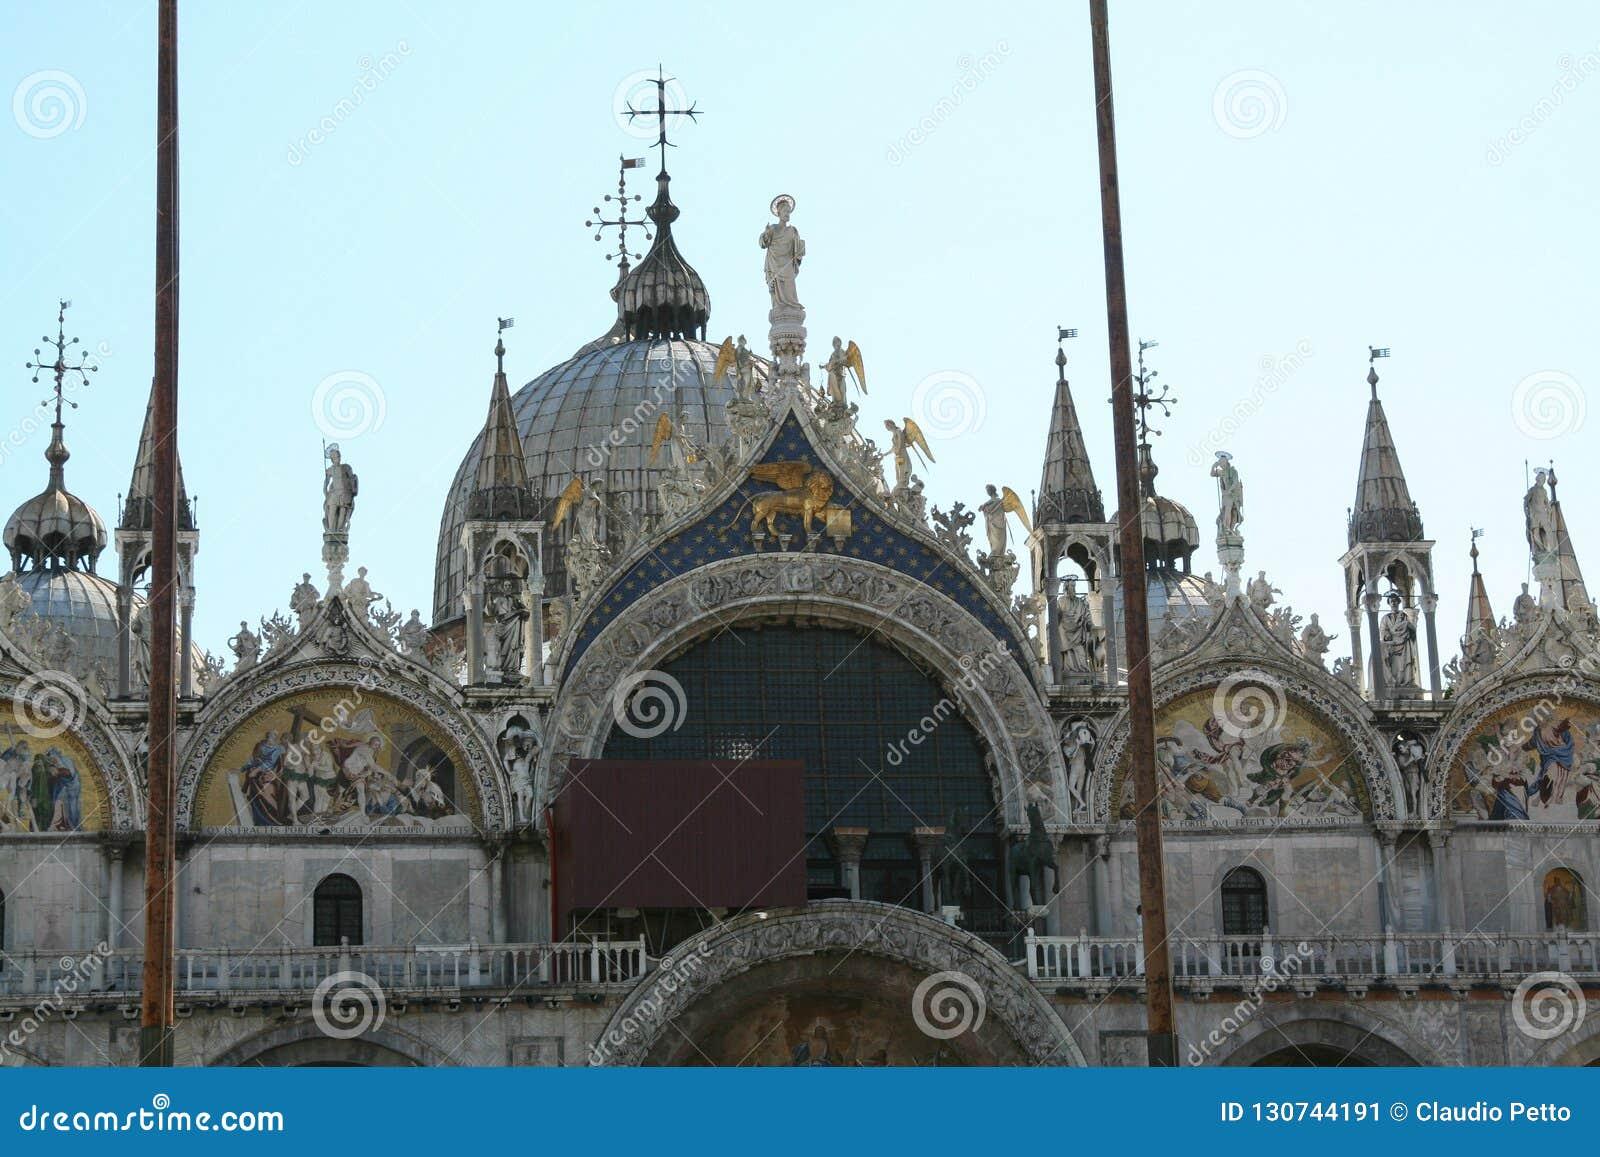 Venise, Basilica di San Marco, hautes mosaïques de la façade